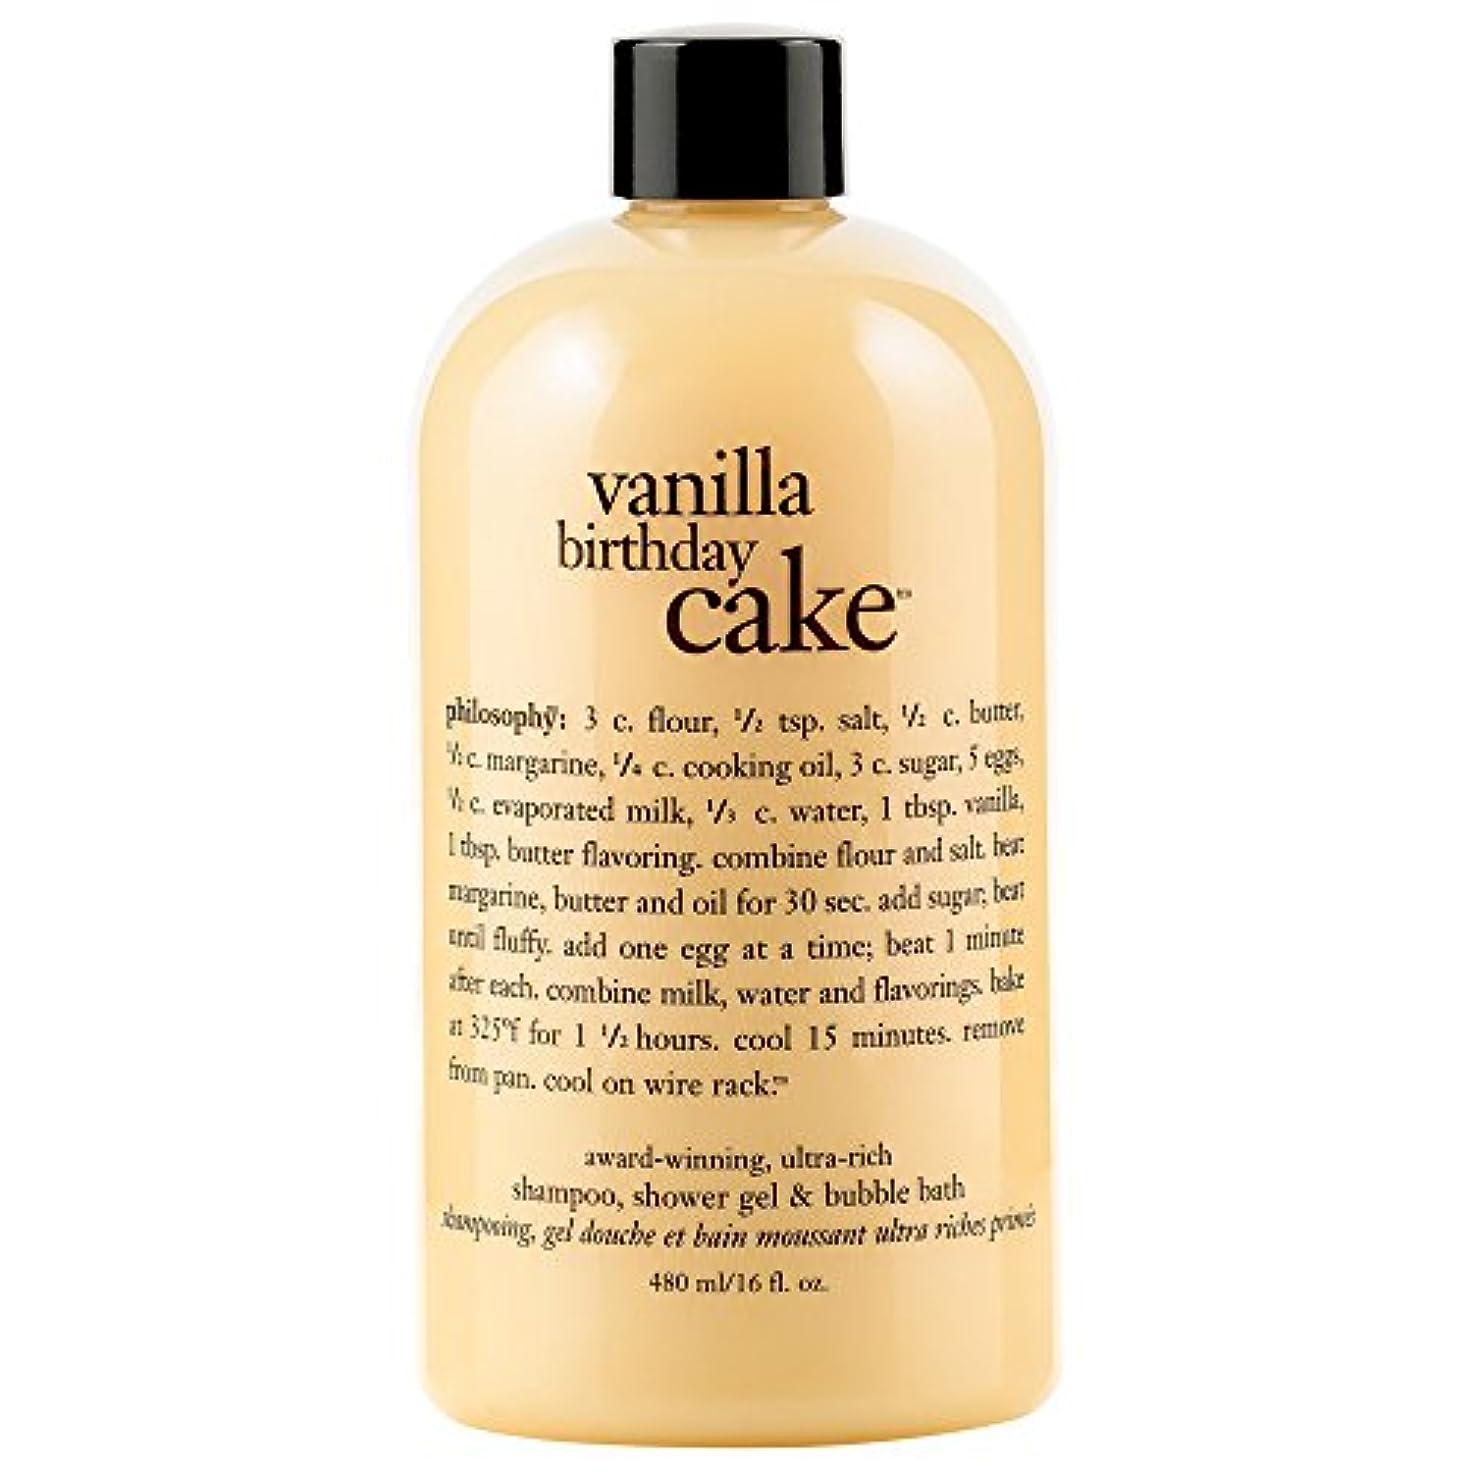 アピール悪化させる応答哲学バニラバースデーケーキシャンプー/シャワージェル/バブルバス480ミリリットル (Philosophy) - Philosophy Vanilla Birthday Cake Shampoo/Shower Gel/Bubble...